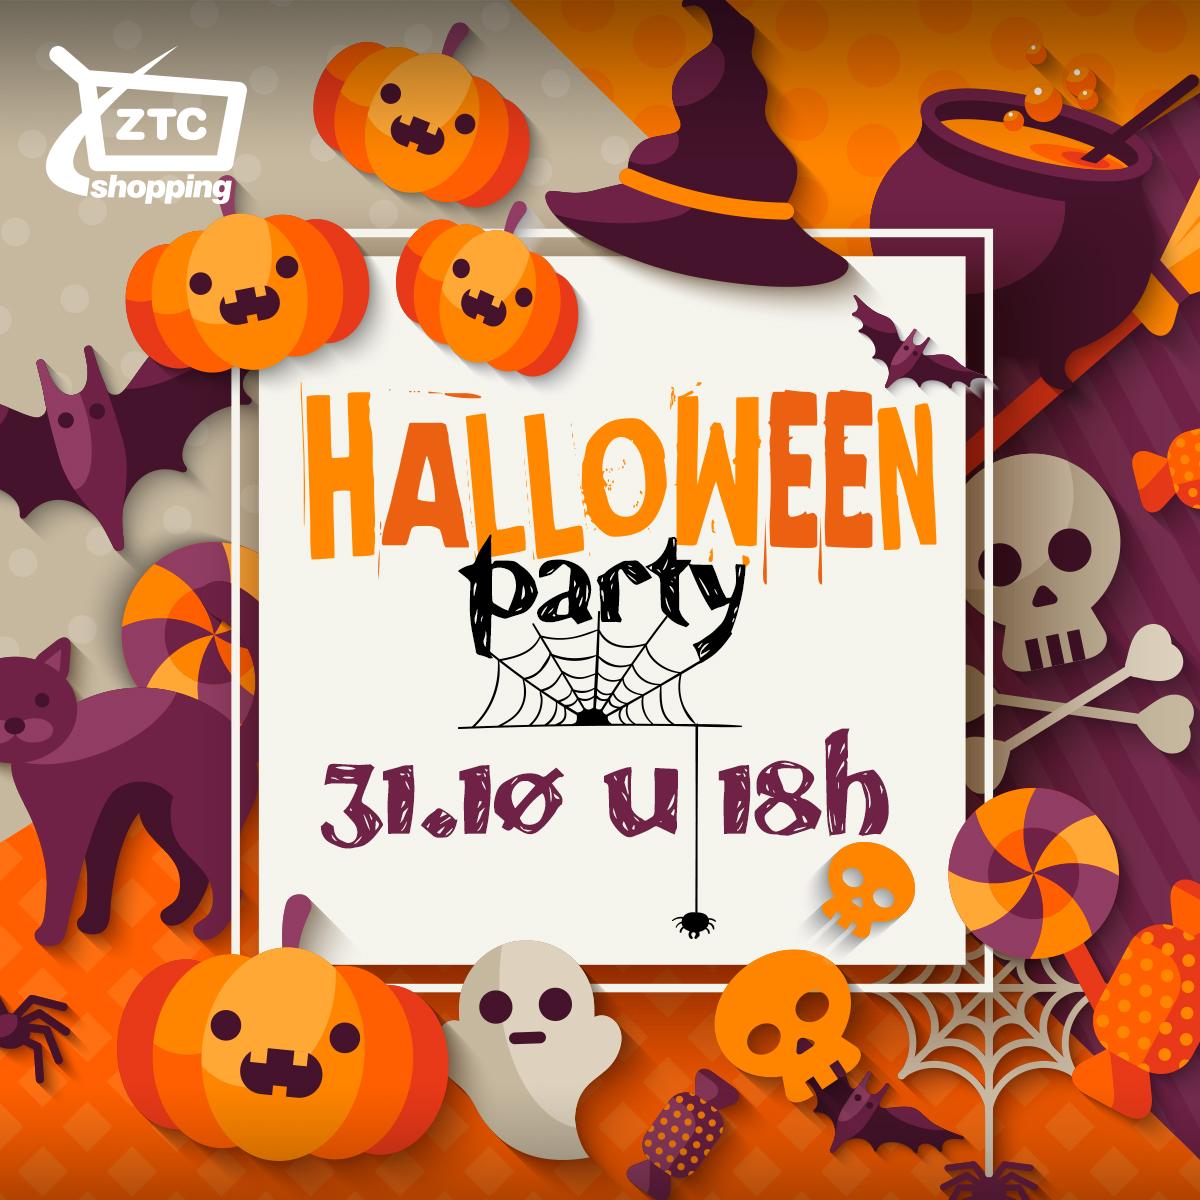 Jeste li spremni za strašno zabavan Halloween u ZTC-u?